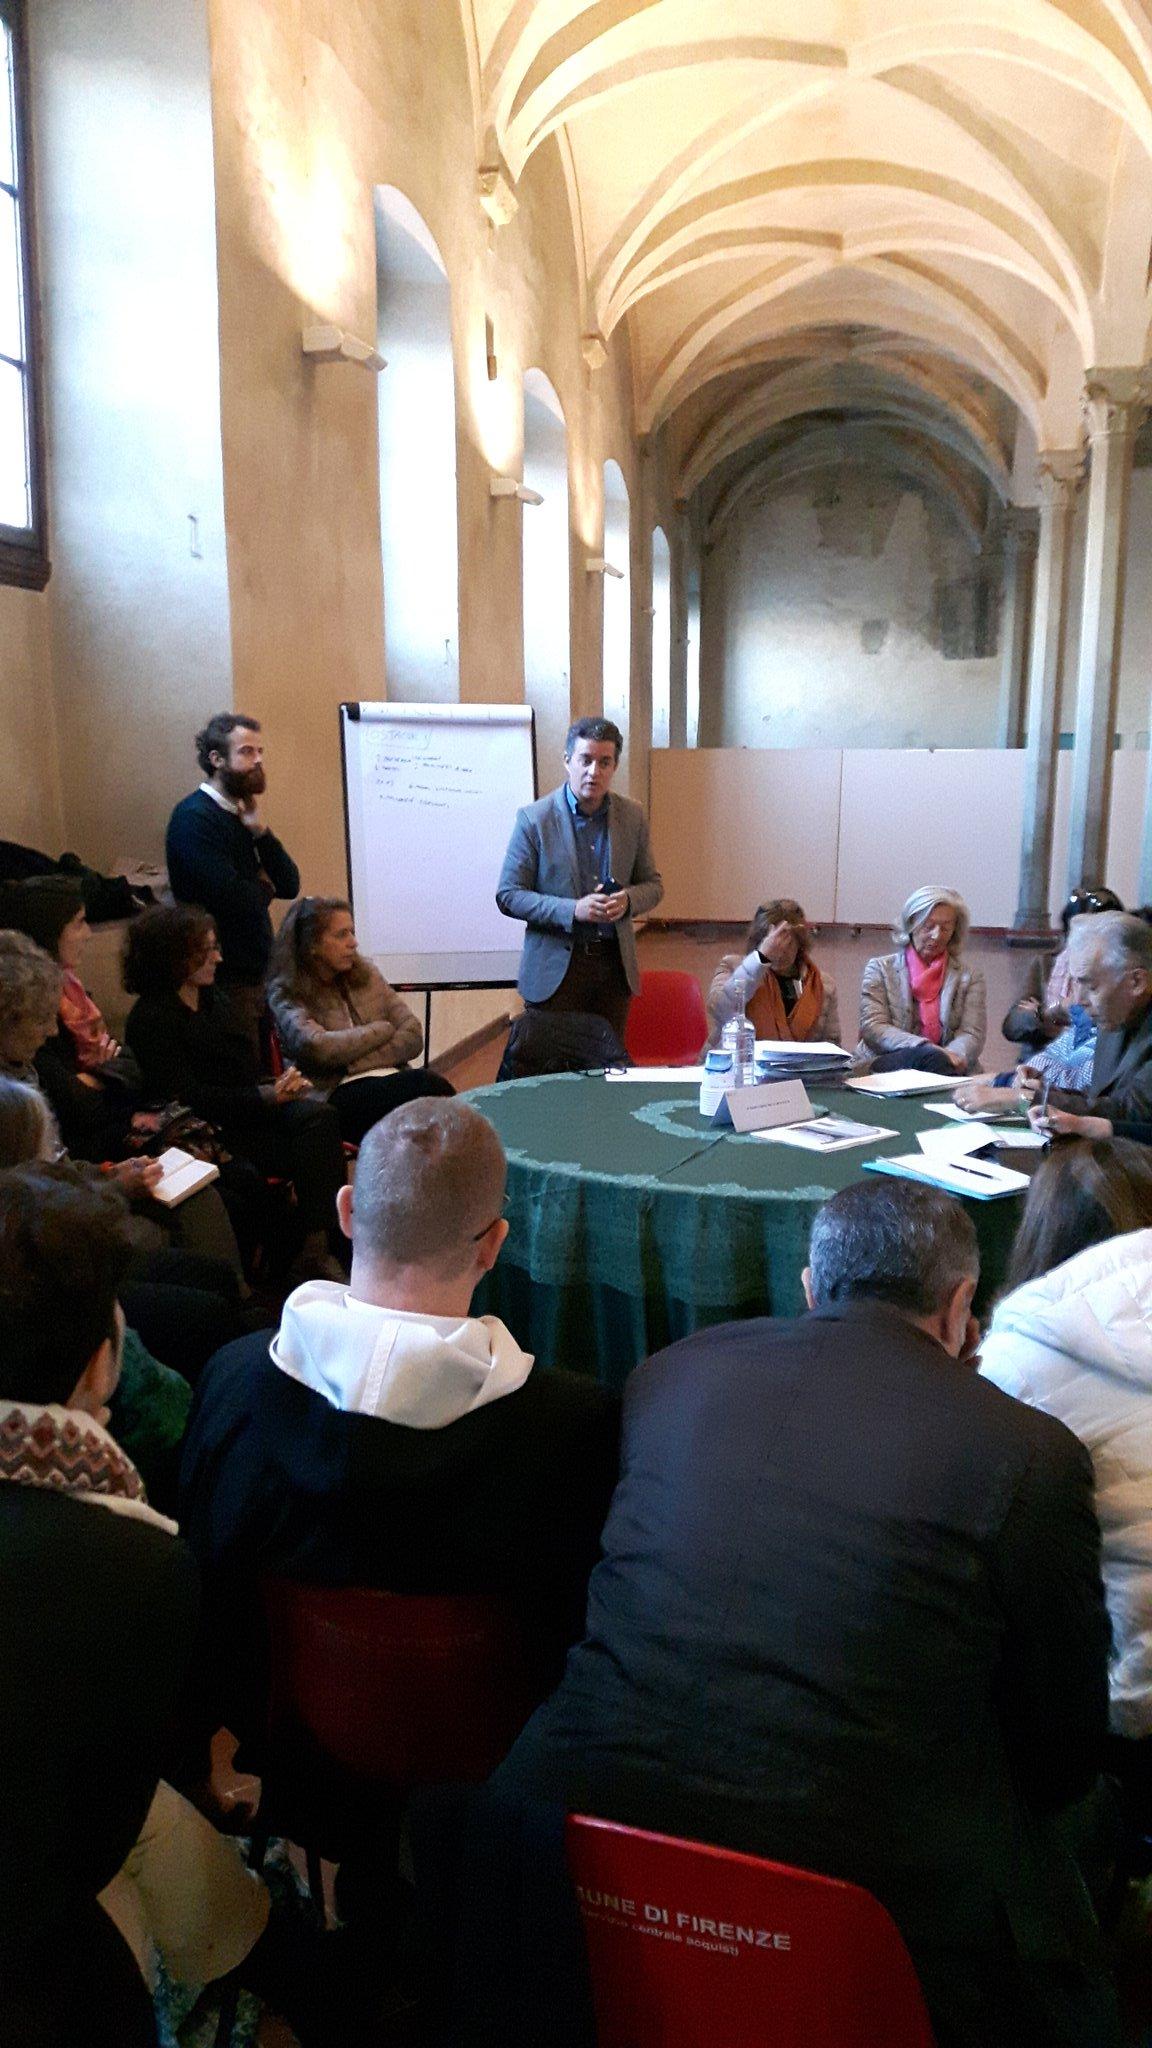 Al tavolo 1 @gvannuccini illustra #innovazione nei #musei a #Firenze #maratonaascolto #Cultura https://t.co/B3SLxyvb2P